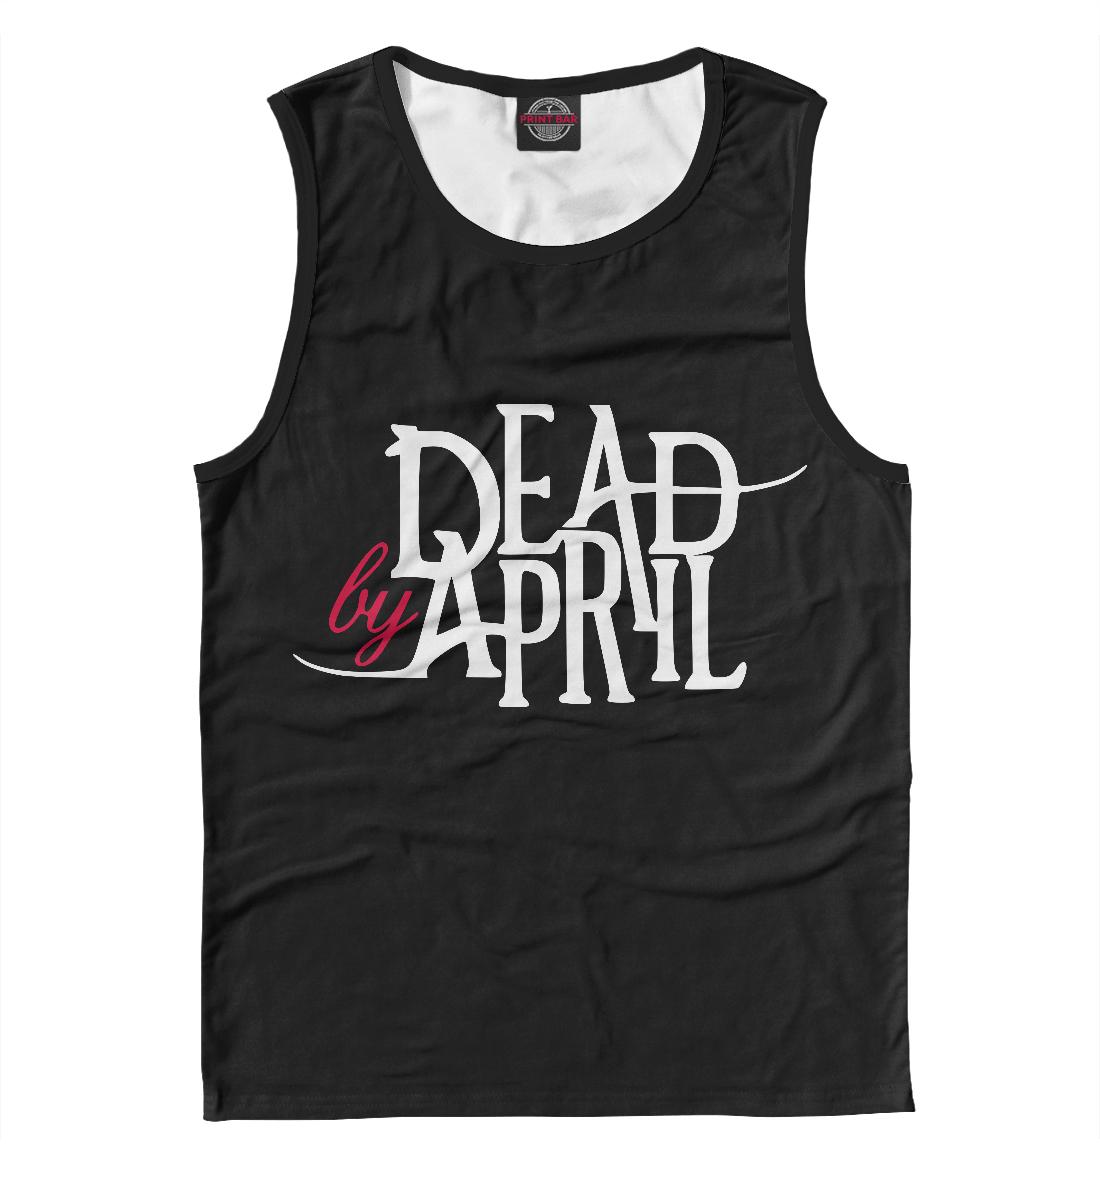 Купить Dead by April, Printbar, Майки, MZK-706185-may-2